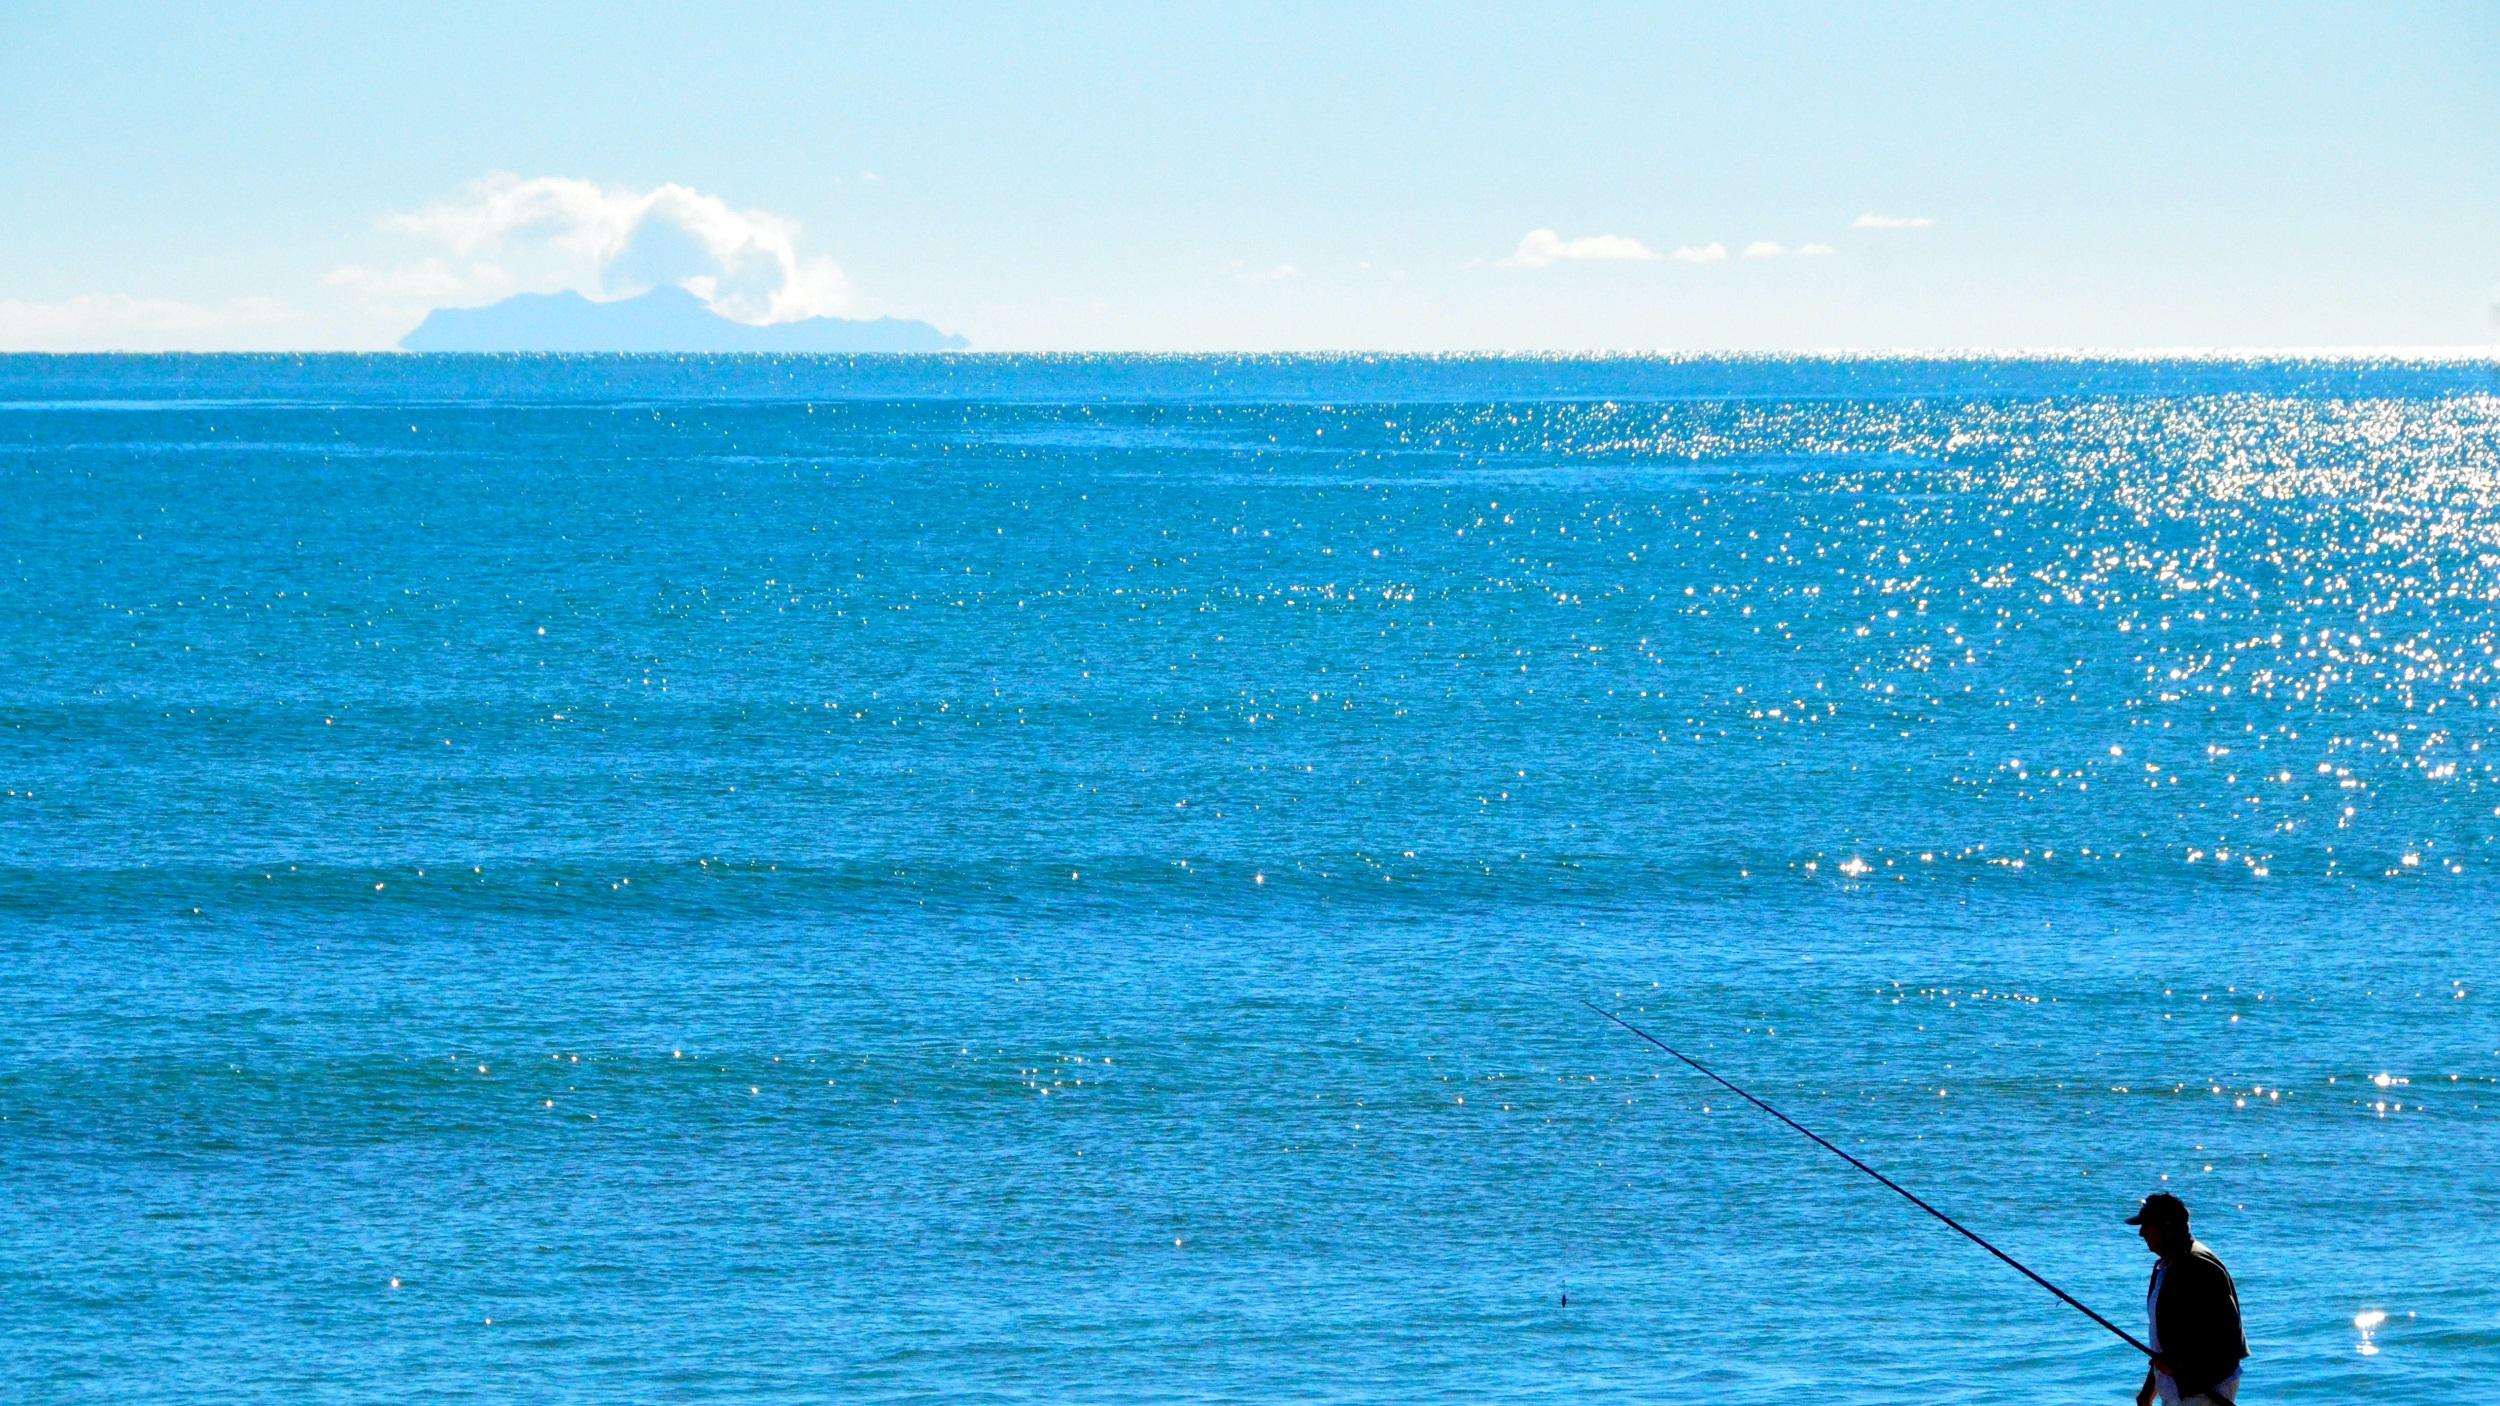 Ribolov na odmoru